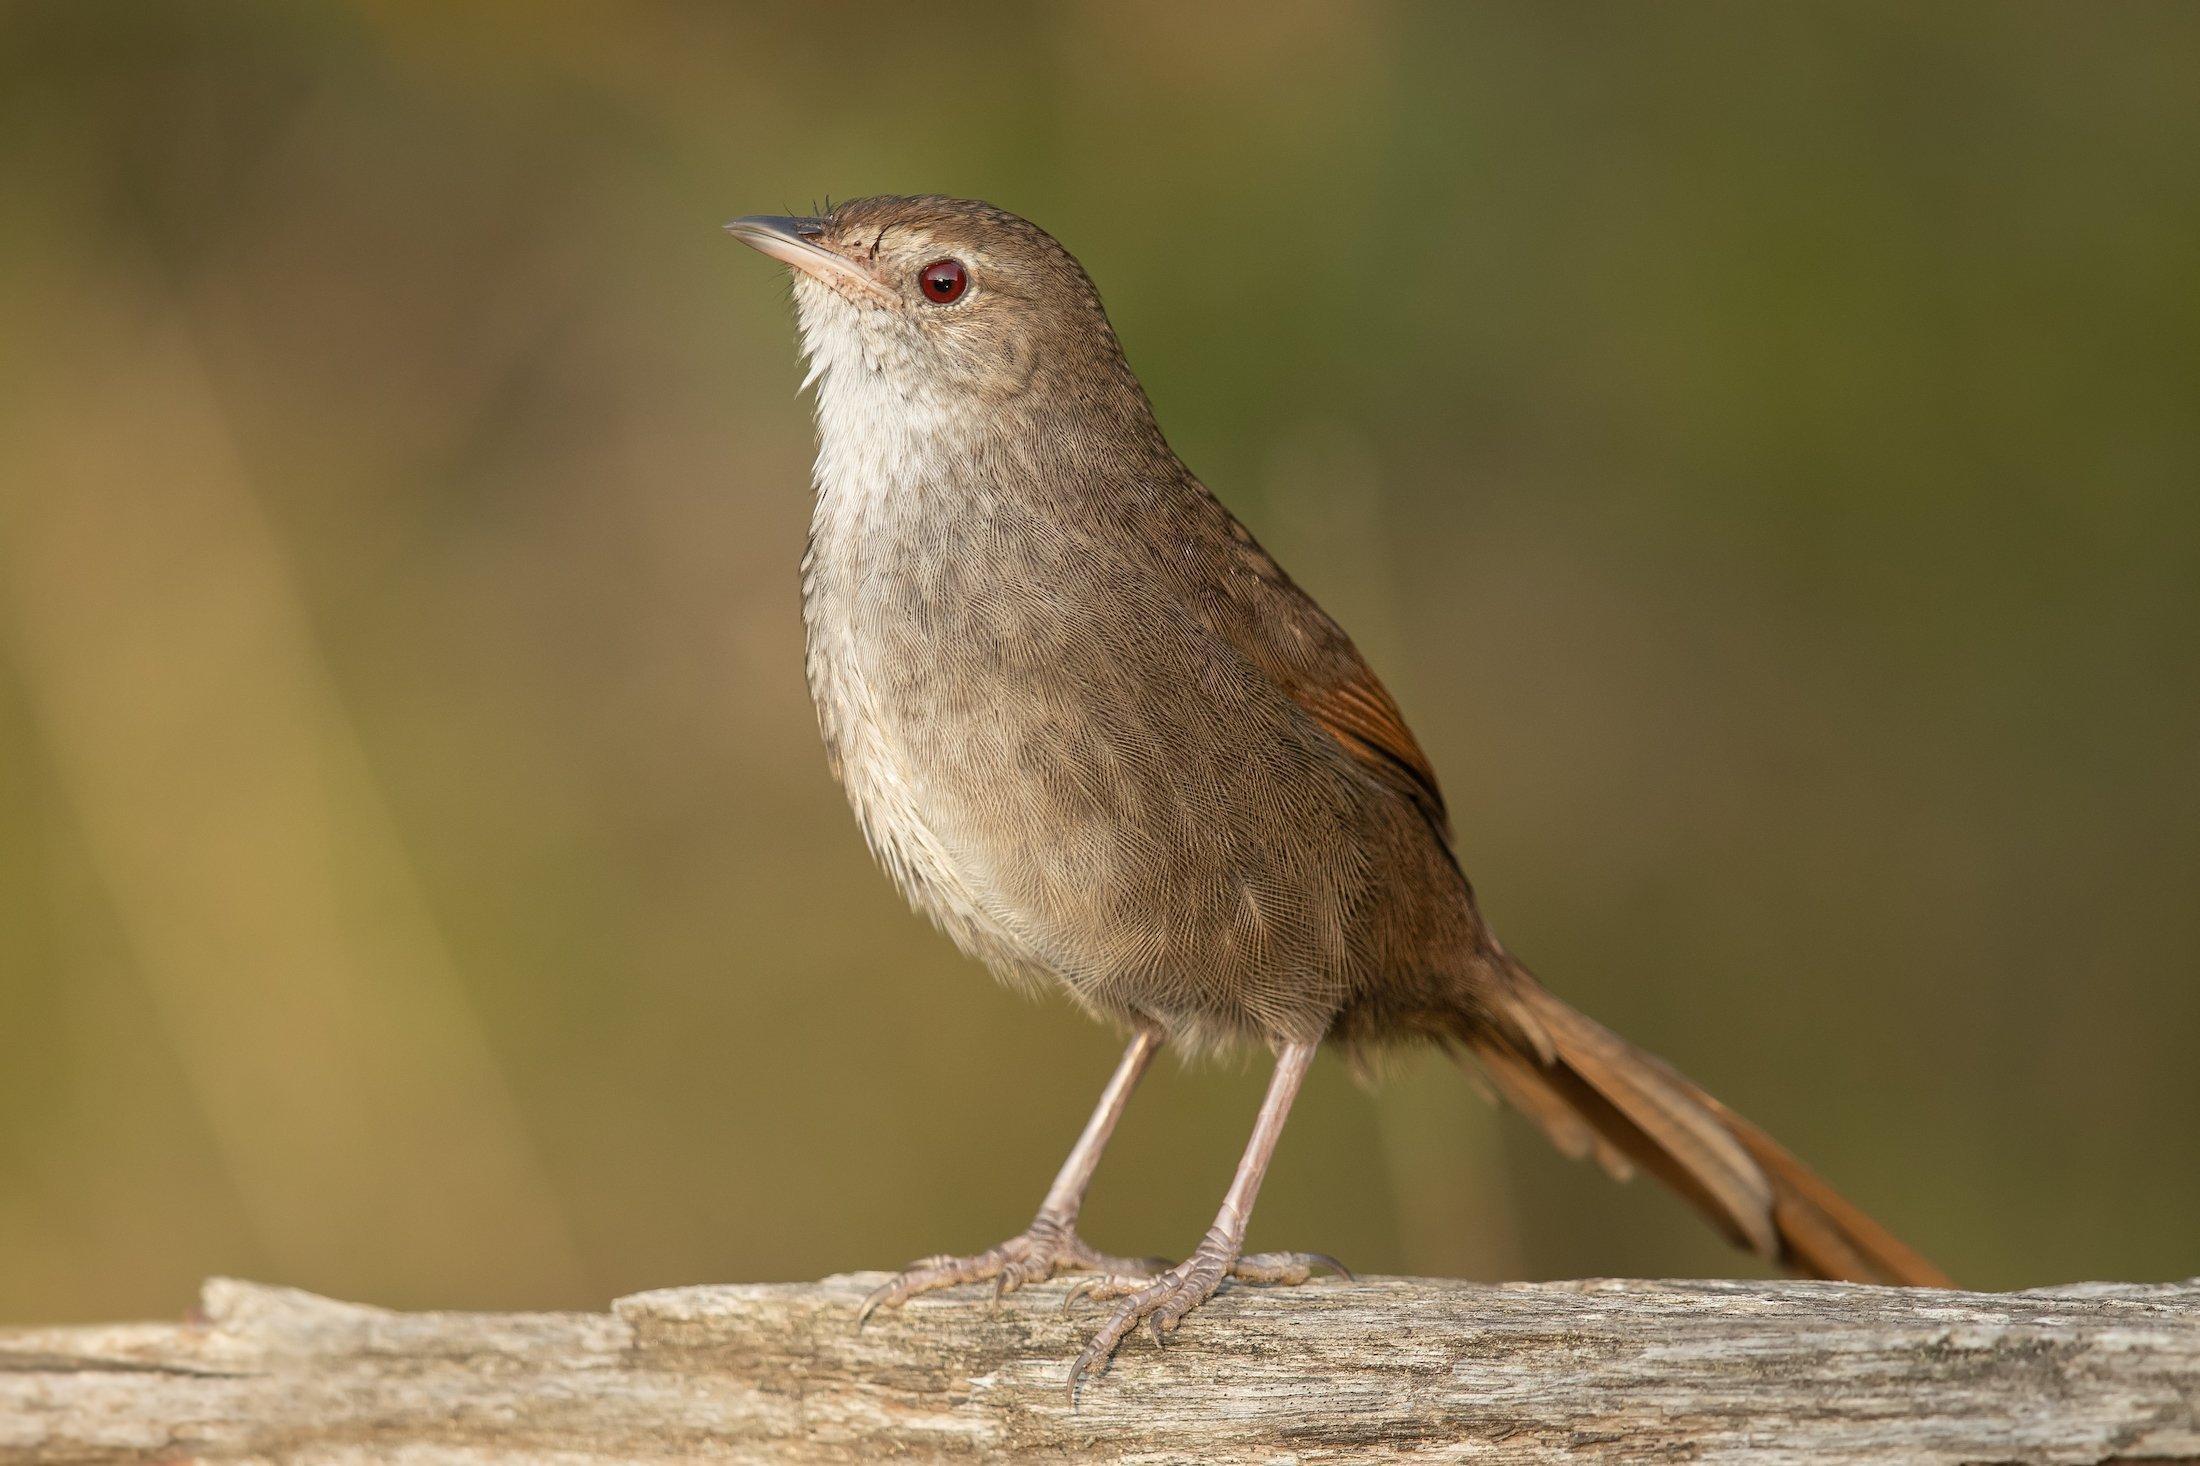 Der Vogel in Nahaufnahme